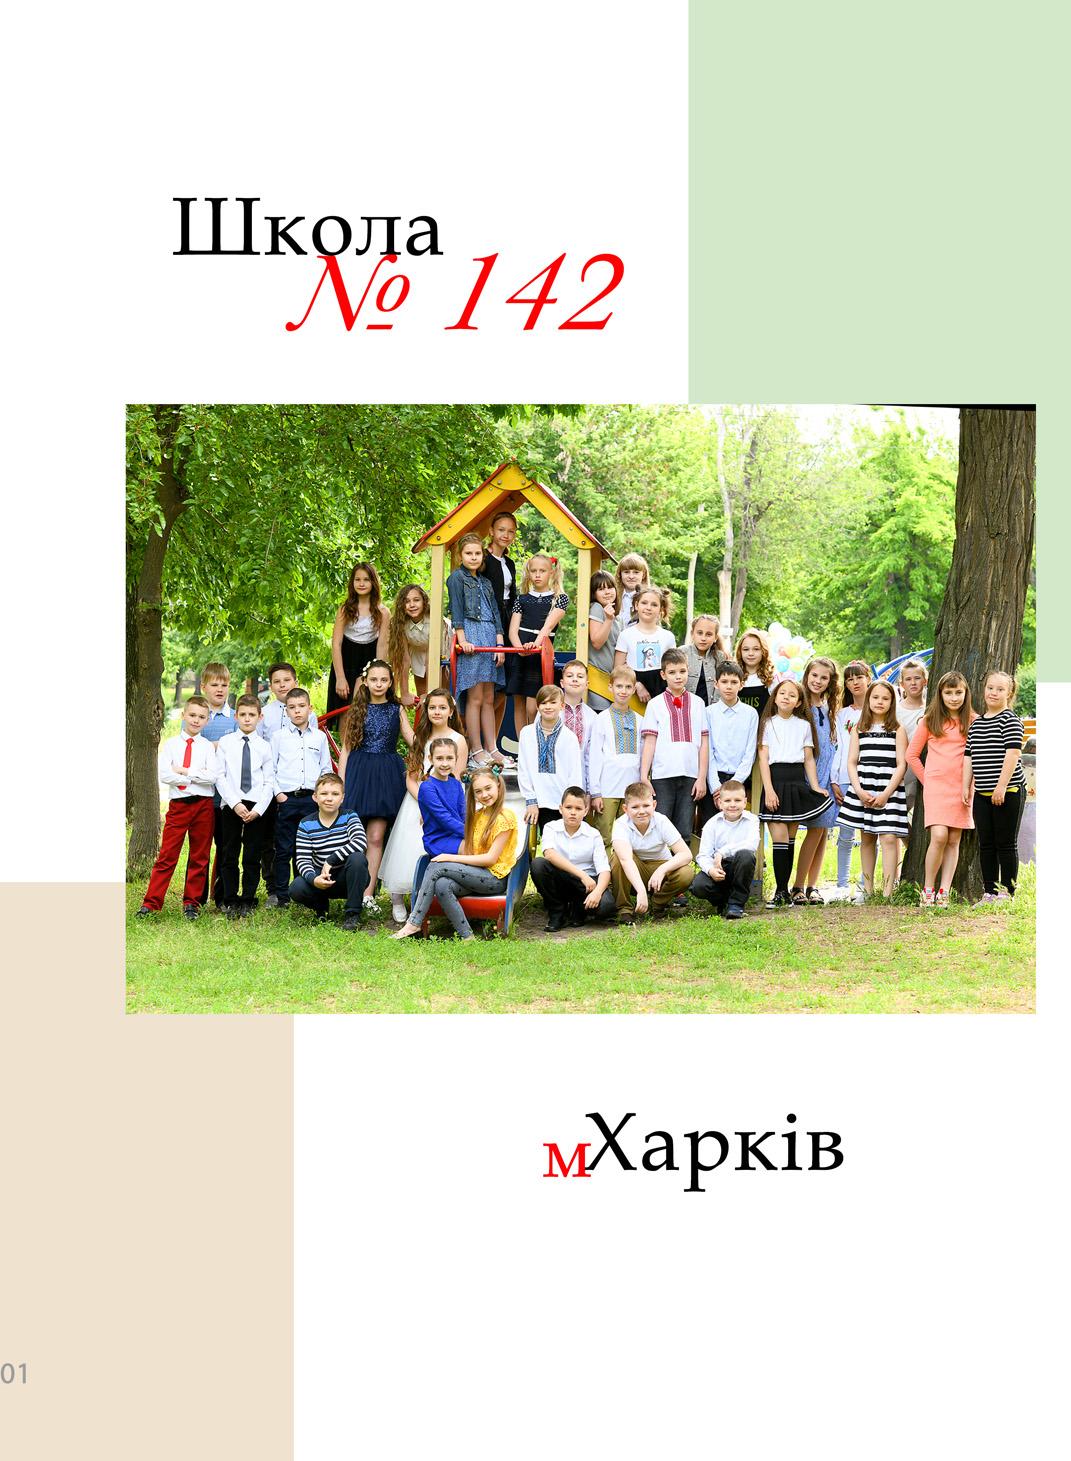 https://school-photo.com.ua/wp-content/uploads/2021/09/01-копия.jpg